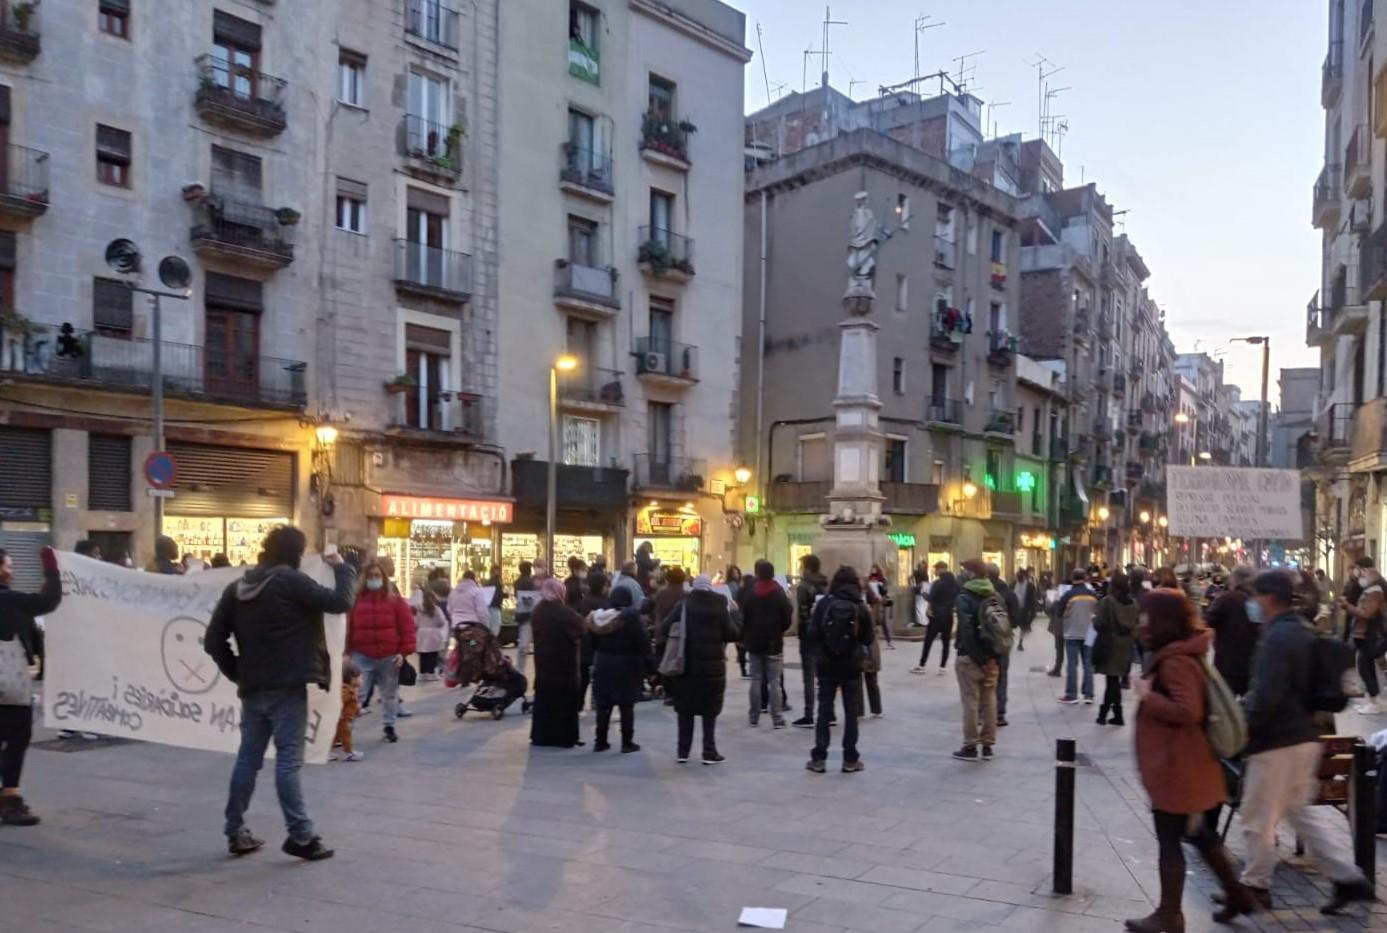 La Generalitat multa activistes que defensen la sanitat pública